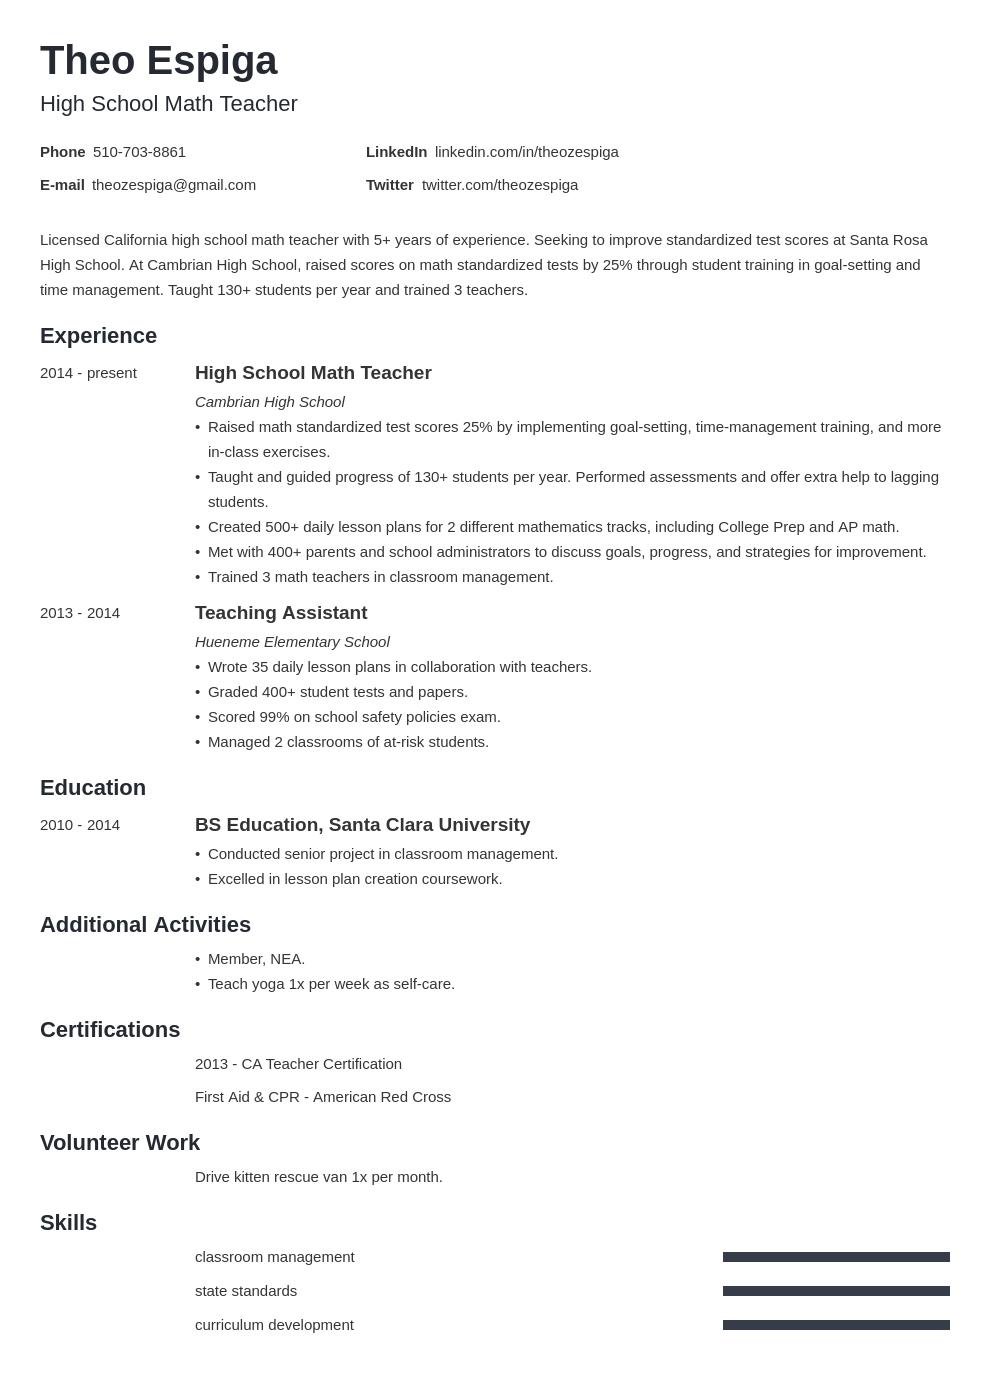 resume education template minimo